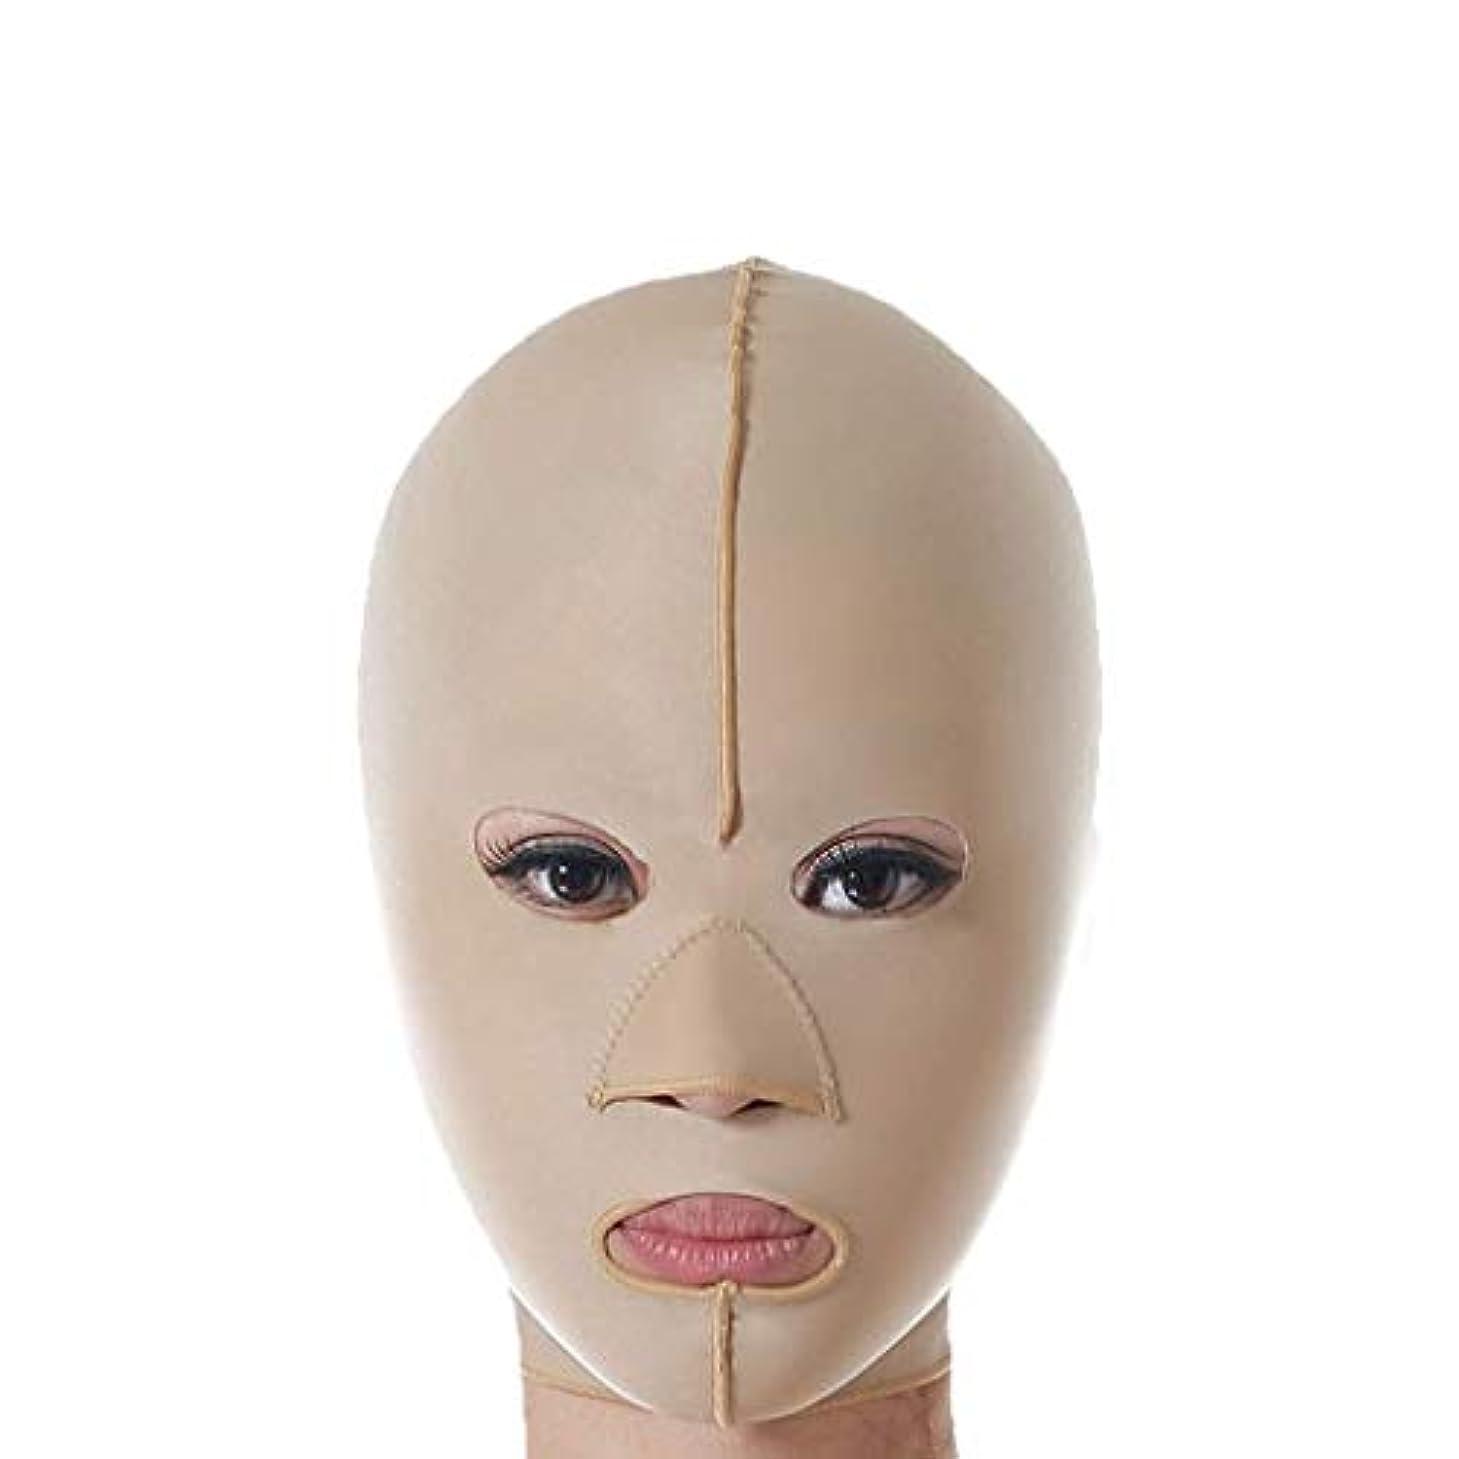 減量フェイスマスク、リフティング包帯、スリムフェイスリフトリフティングベルト、フェイシャル減量リフティング包帯、リフティングファーミング包帯(サイズ:XL),S